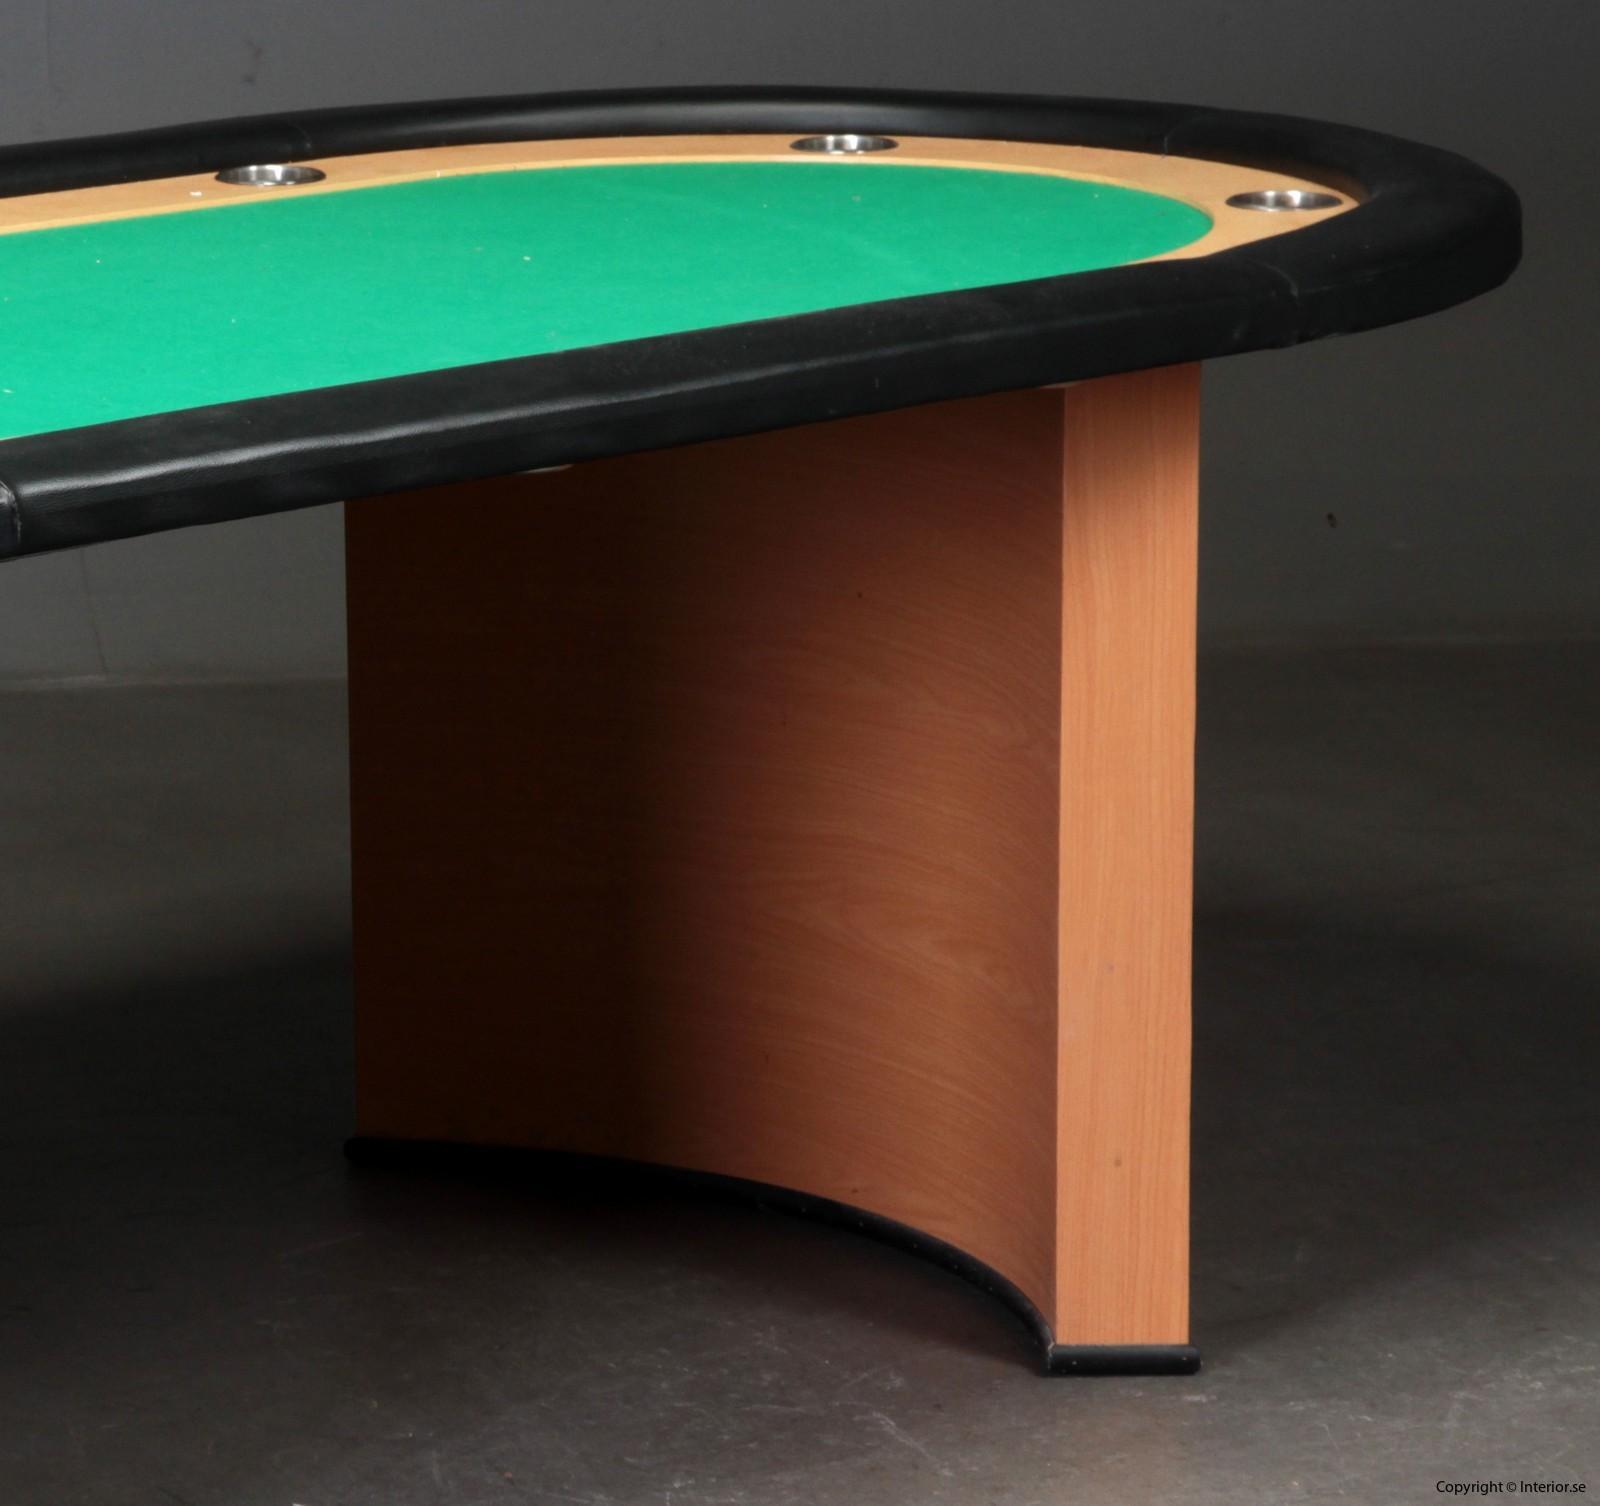 Hyra pokerbord för 12 personer stockholm sverige hyr 2